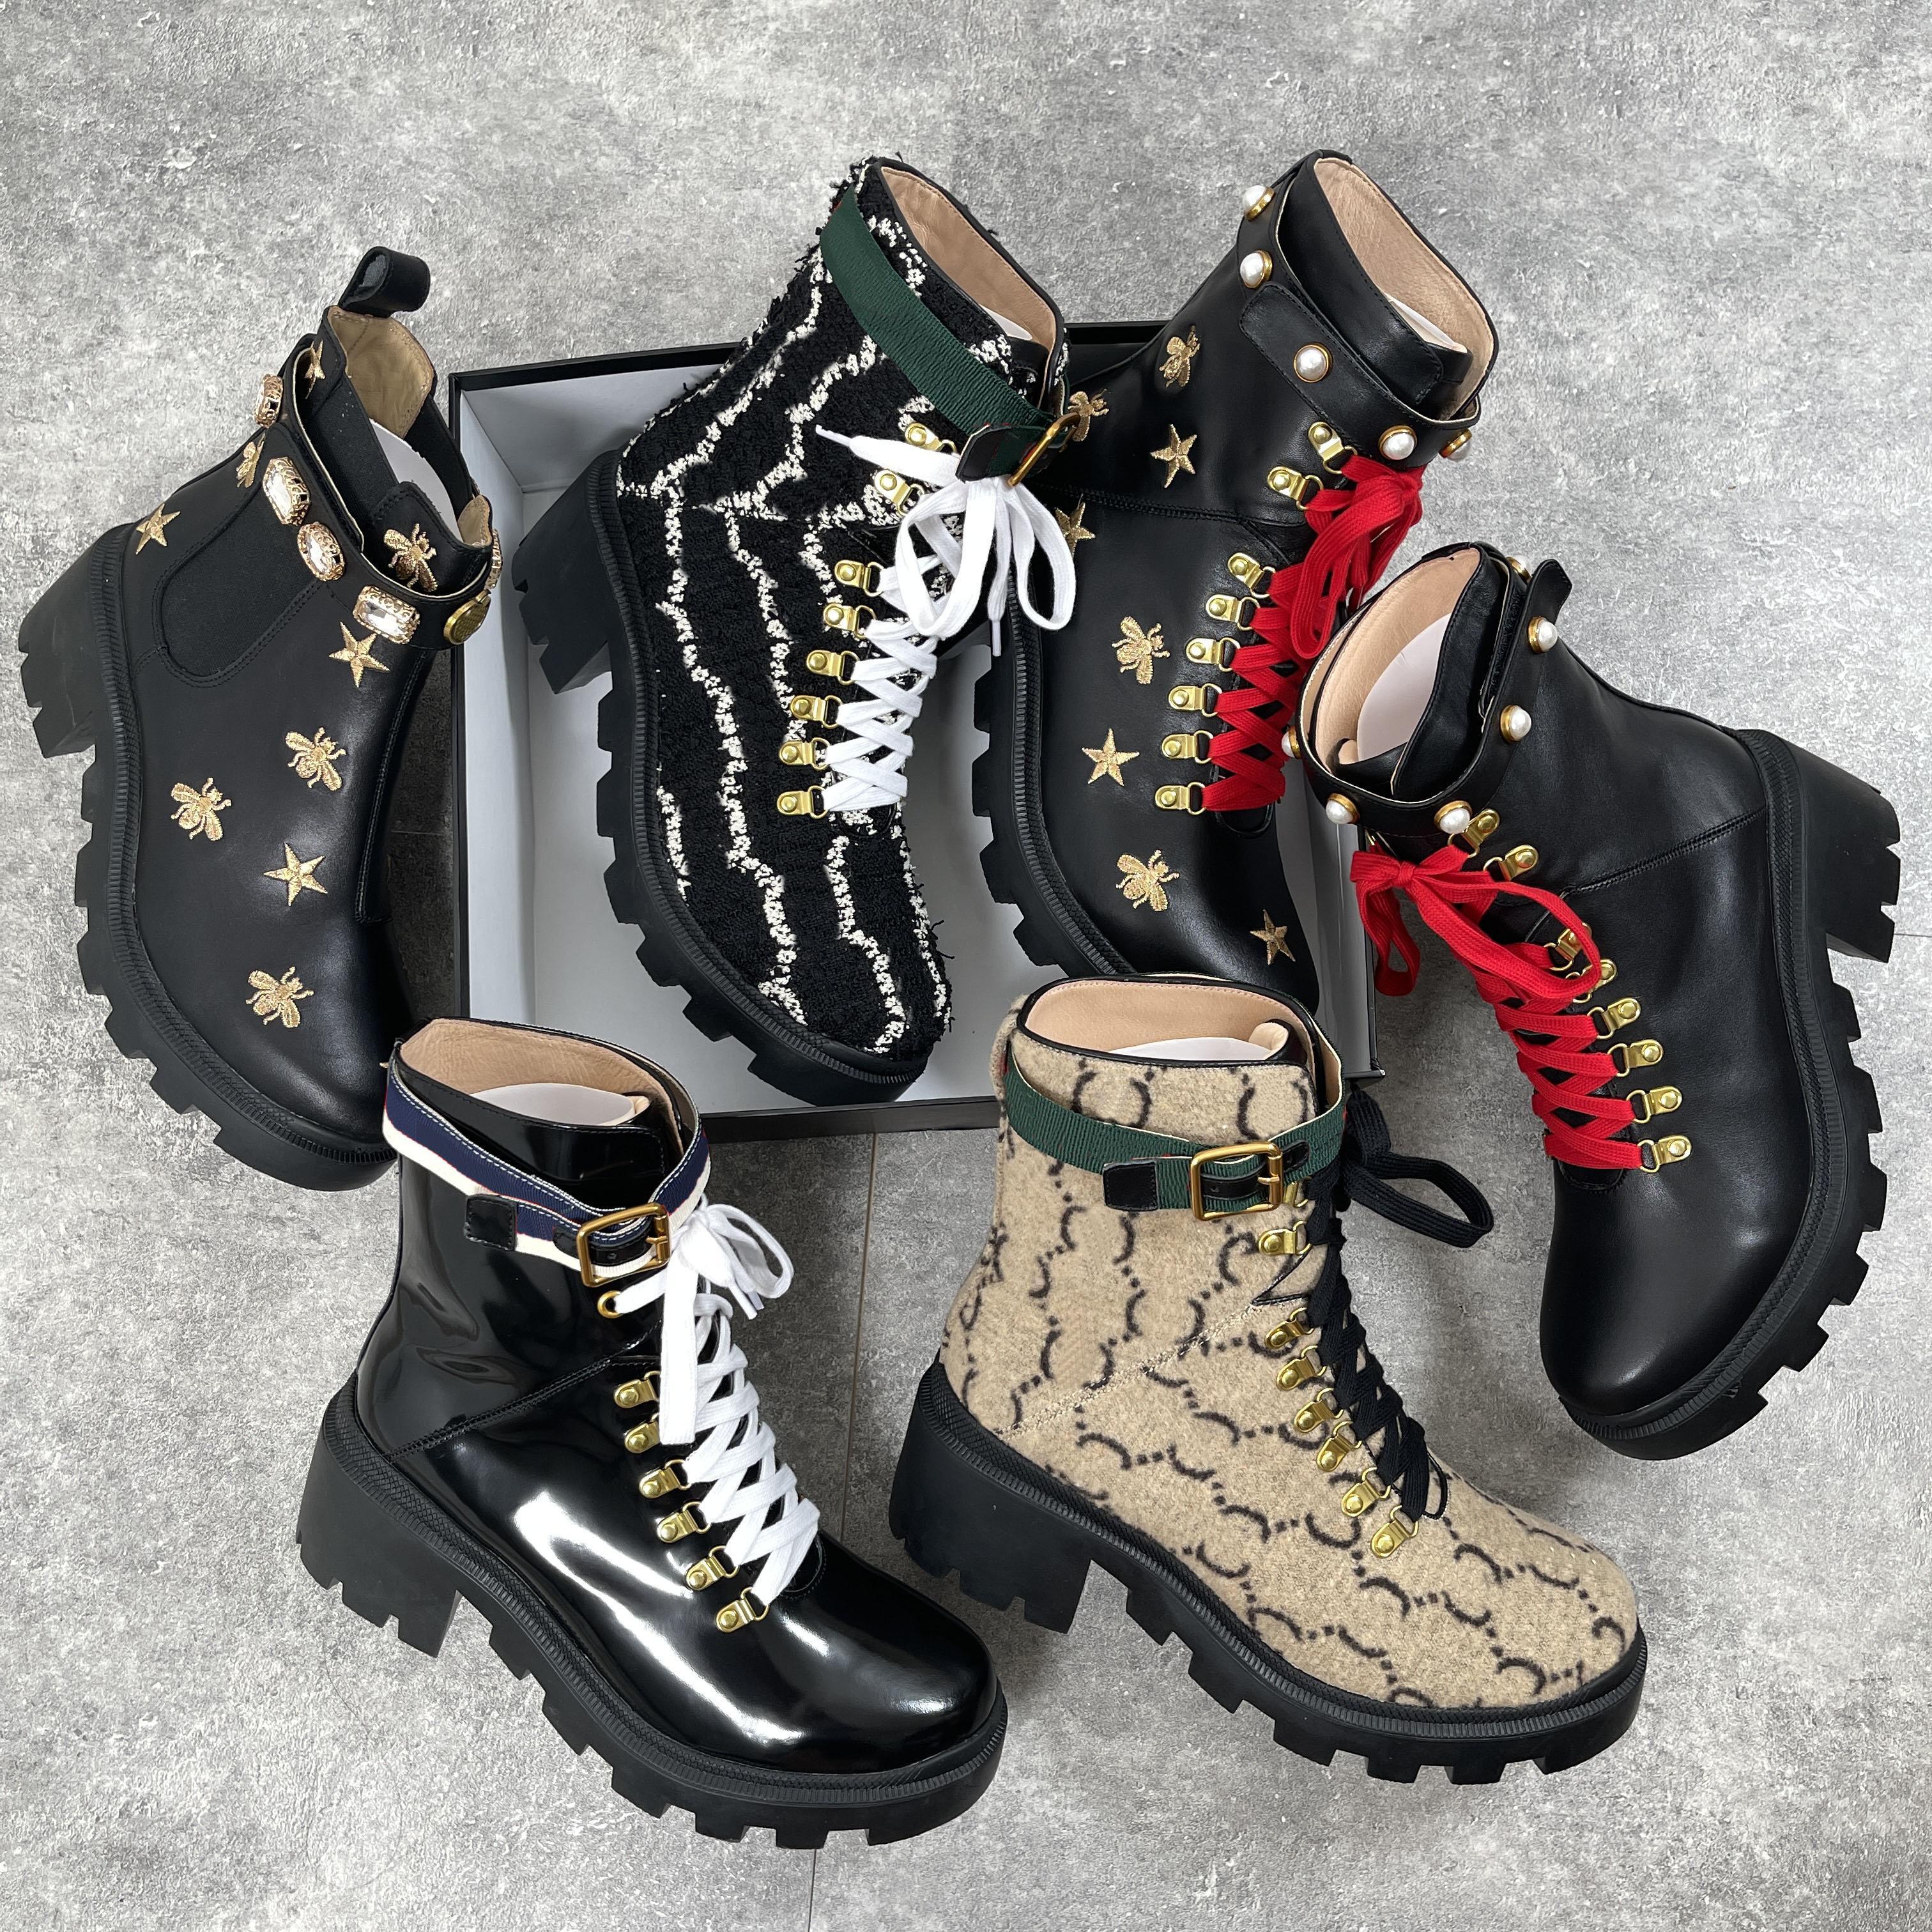 Роскошный бренд дизайнер женские ботинки сексуальные толстые каблуки пустынные платформы ботинок пчел звезда натуральная кожа зимняя обувь размер 35-42